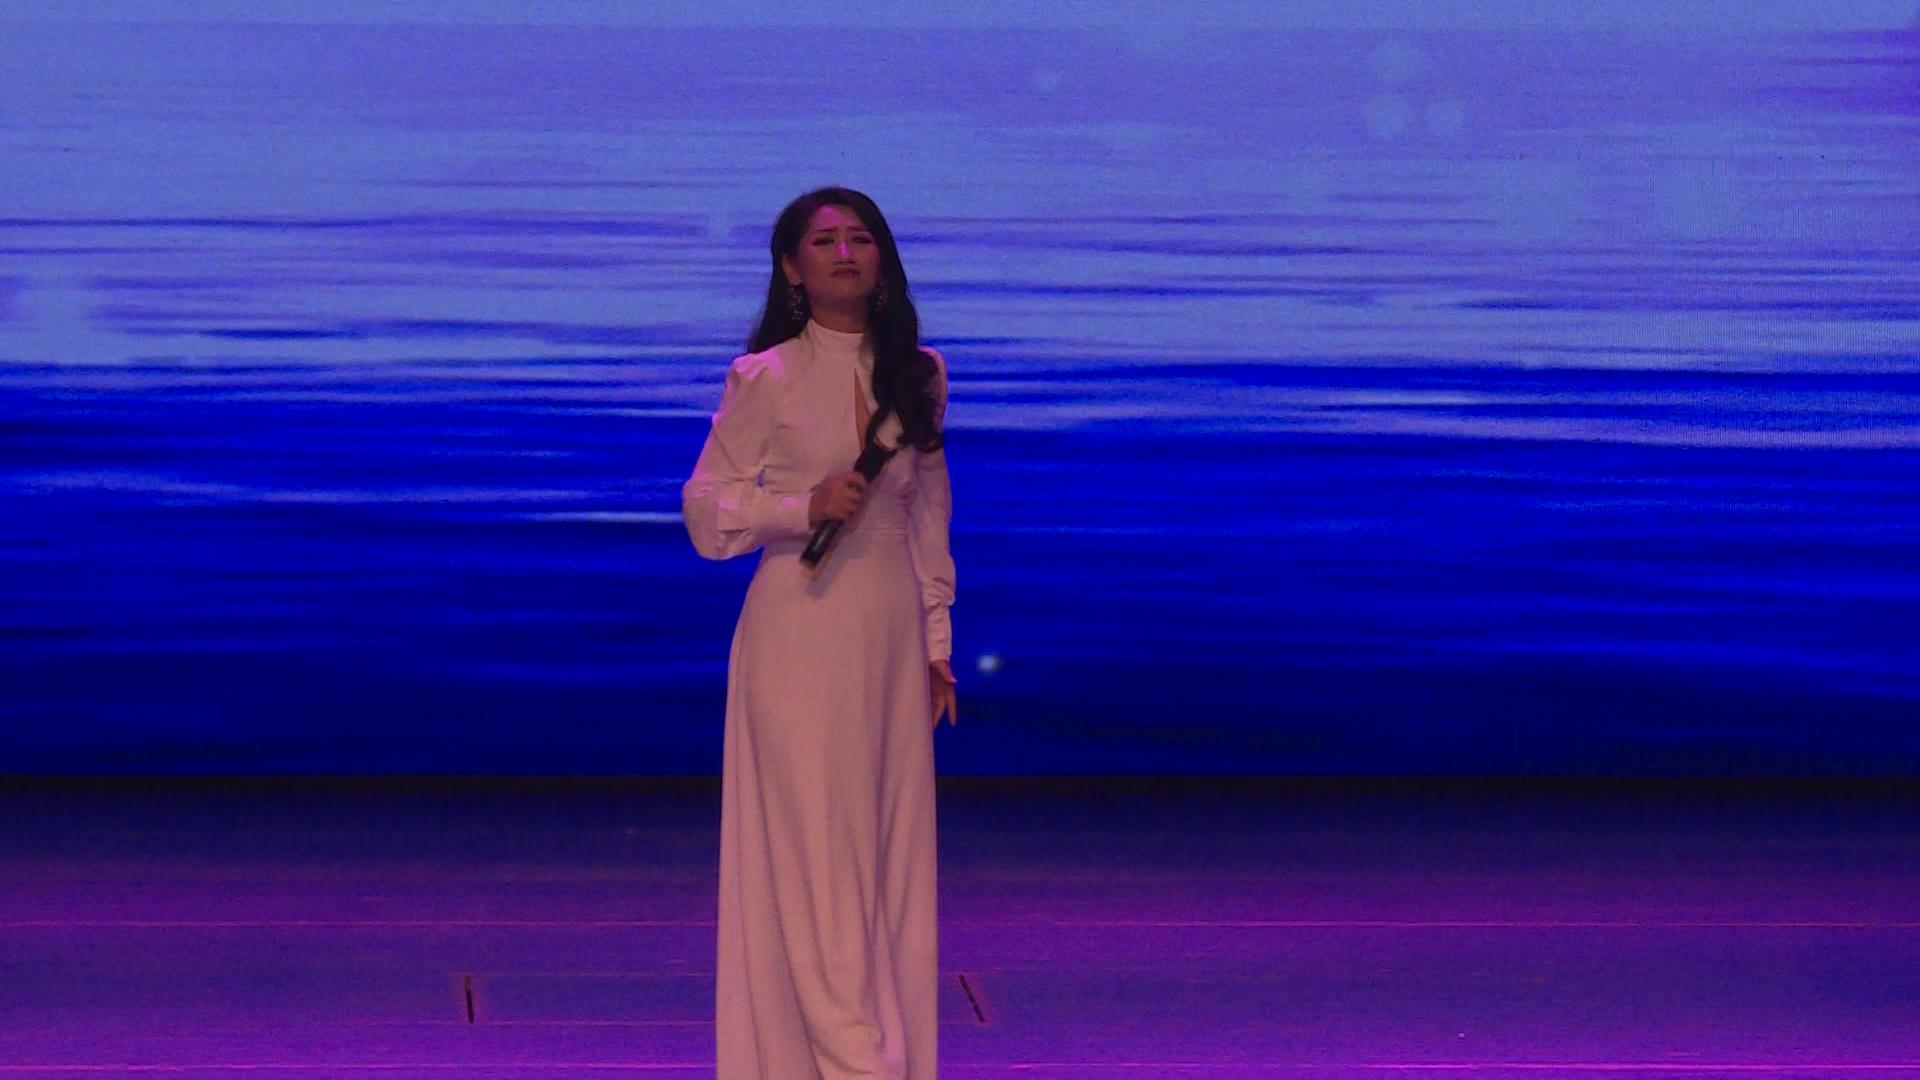 女声独唱《大爱》引来观众雷鸣般的掌声